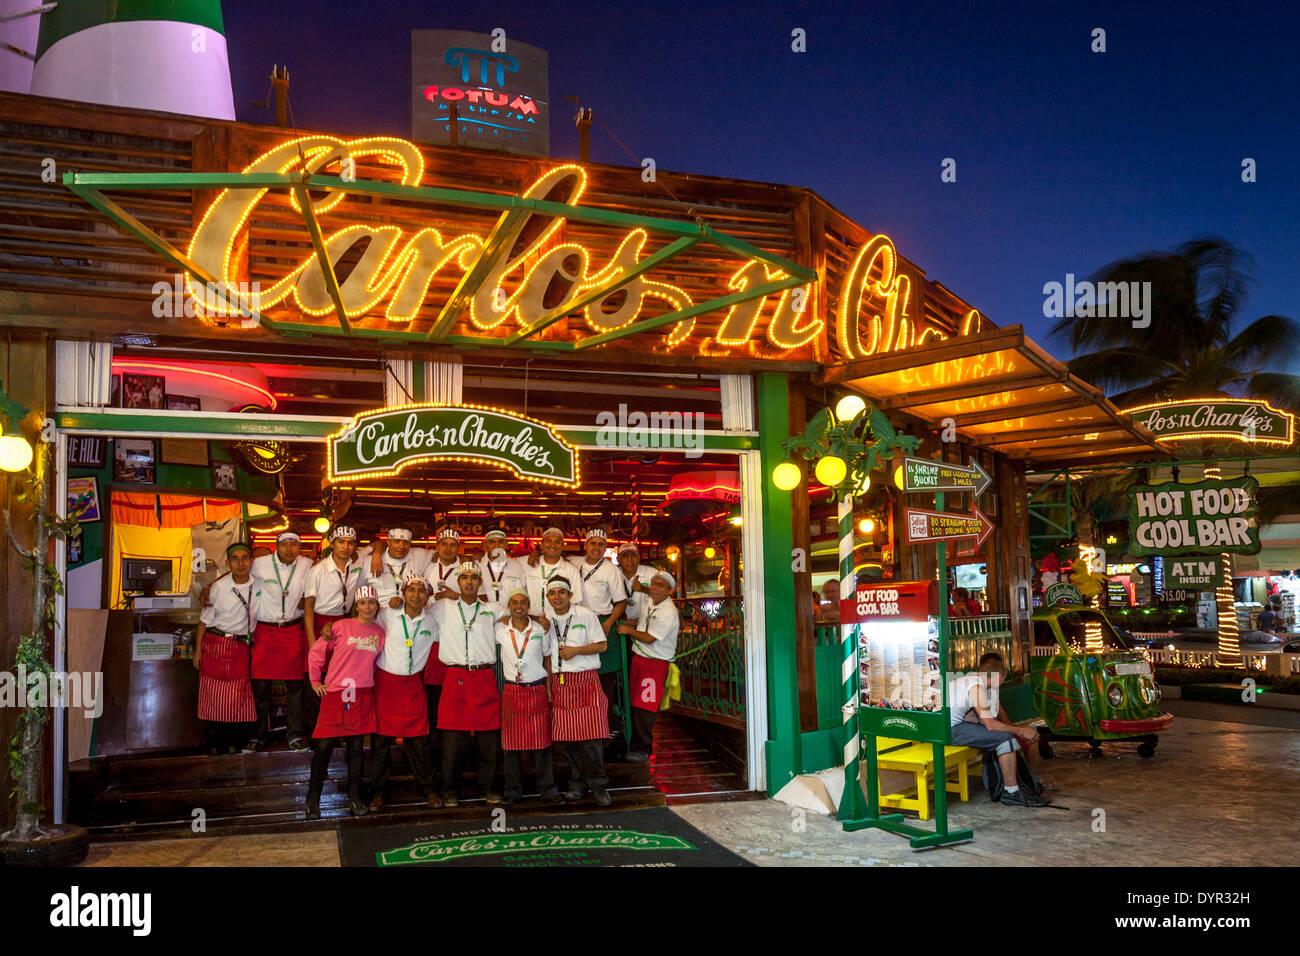 Carlos N Charlies Barrestaurant Cancun Quintana Roo Mexico Stock